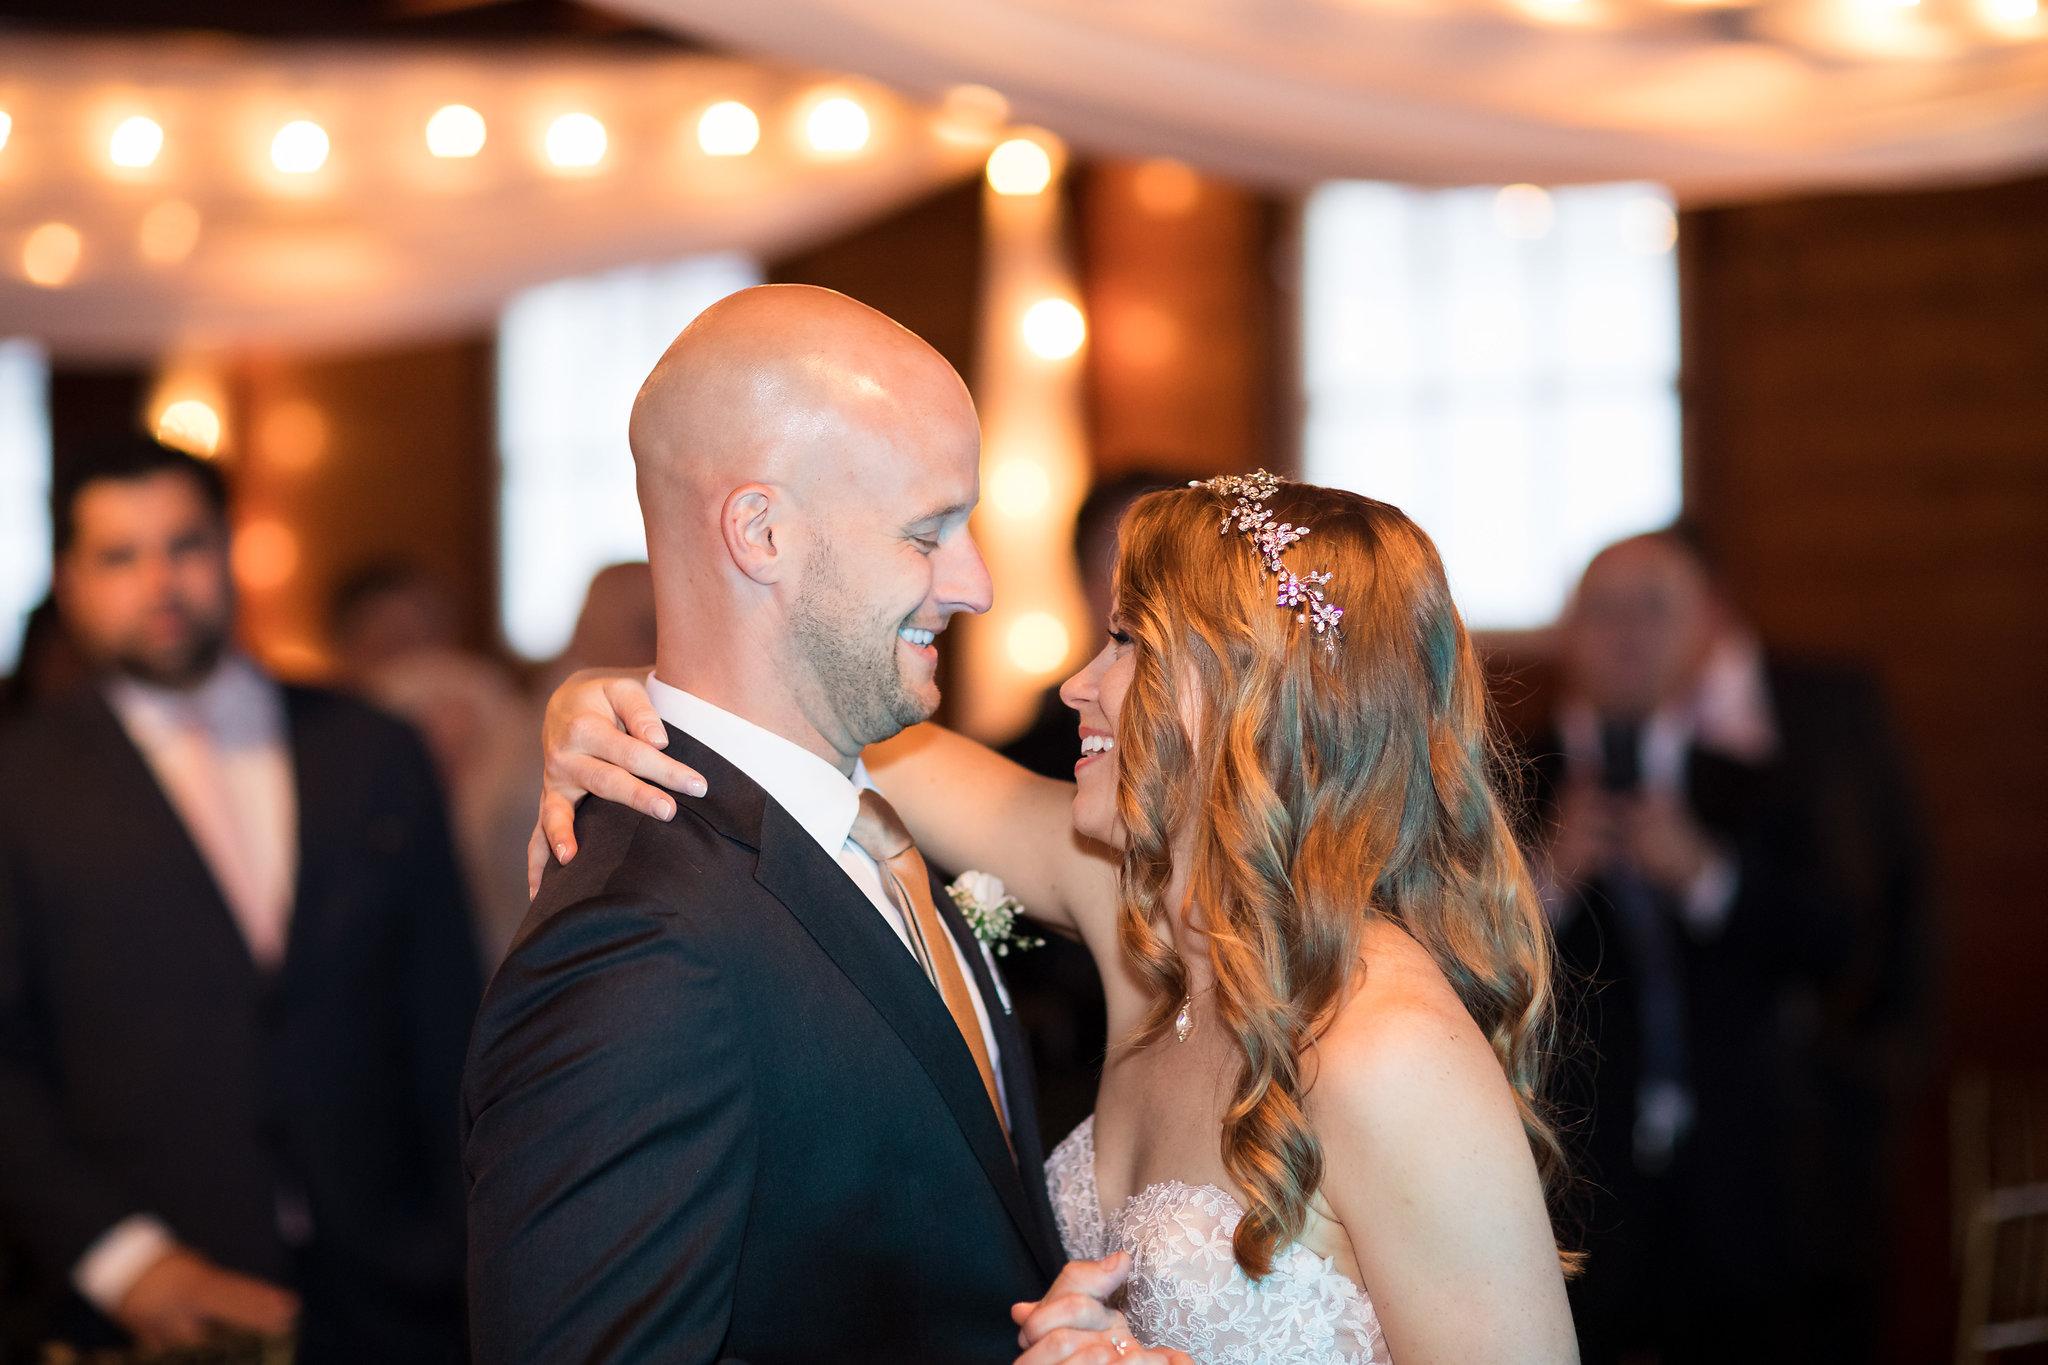 katie-brian-wedding-reception-60.jpg